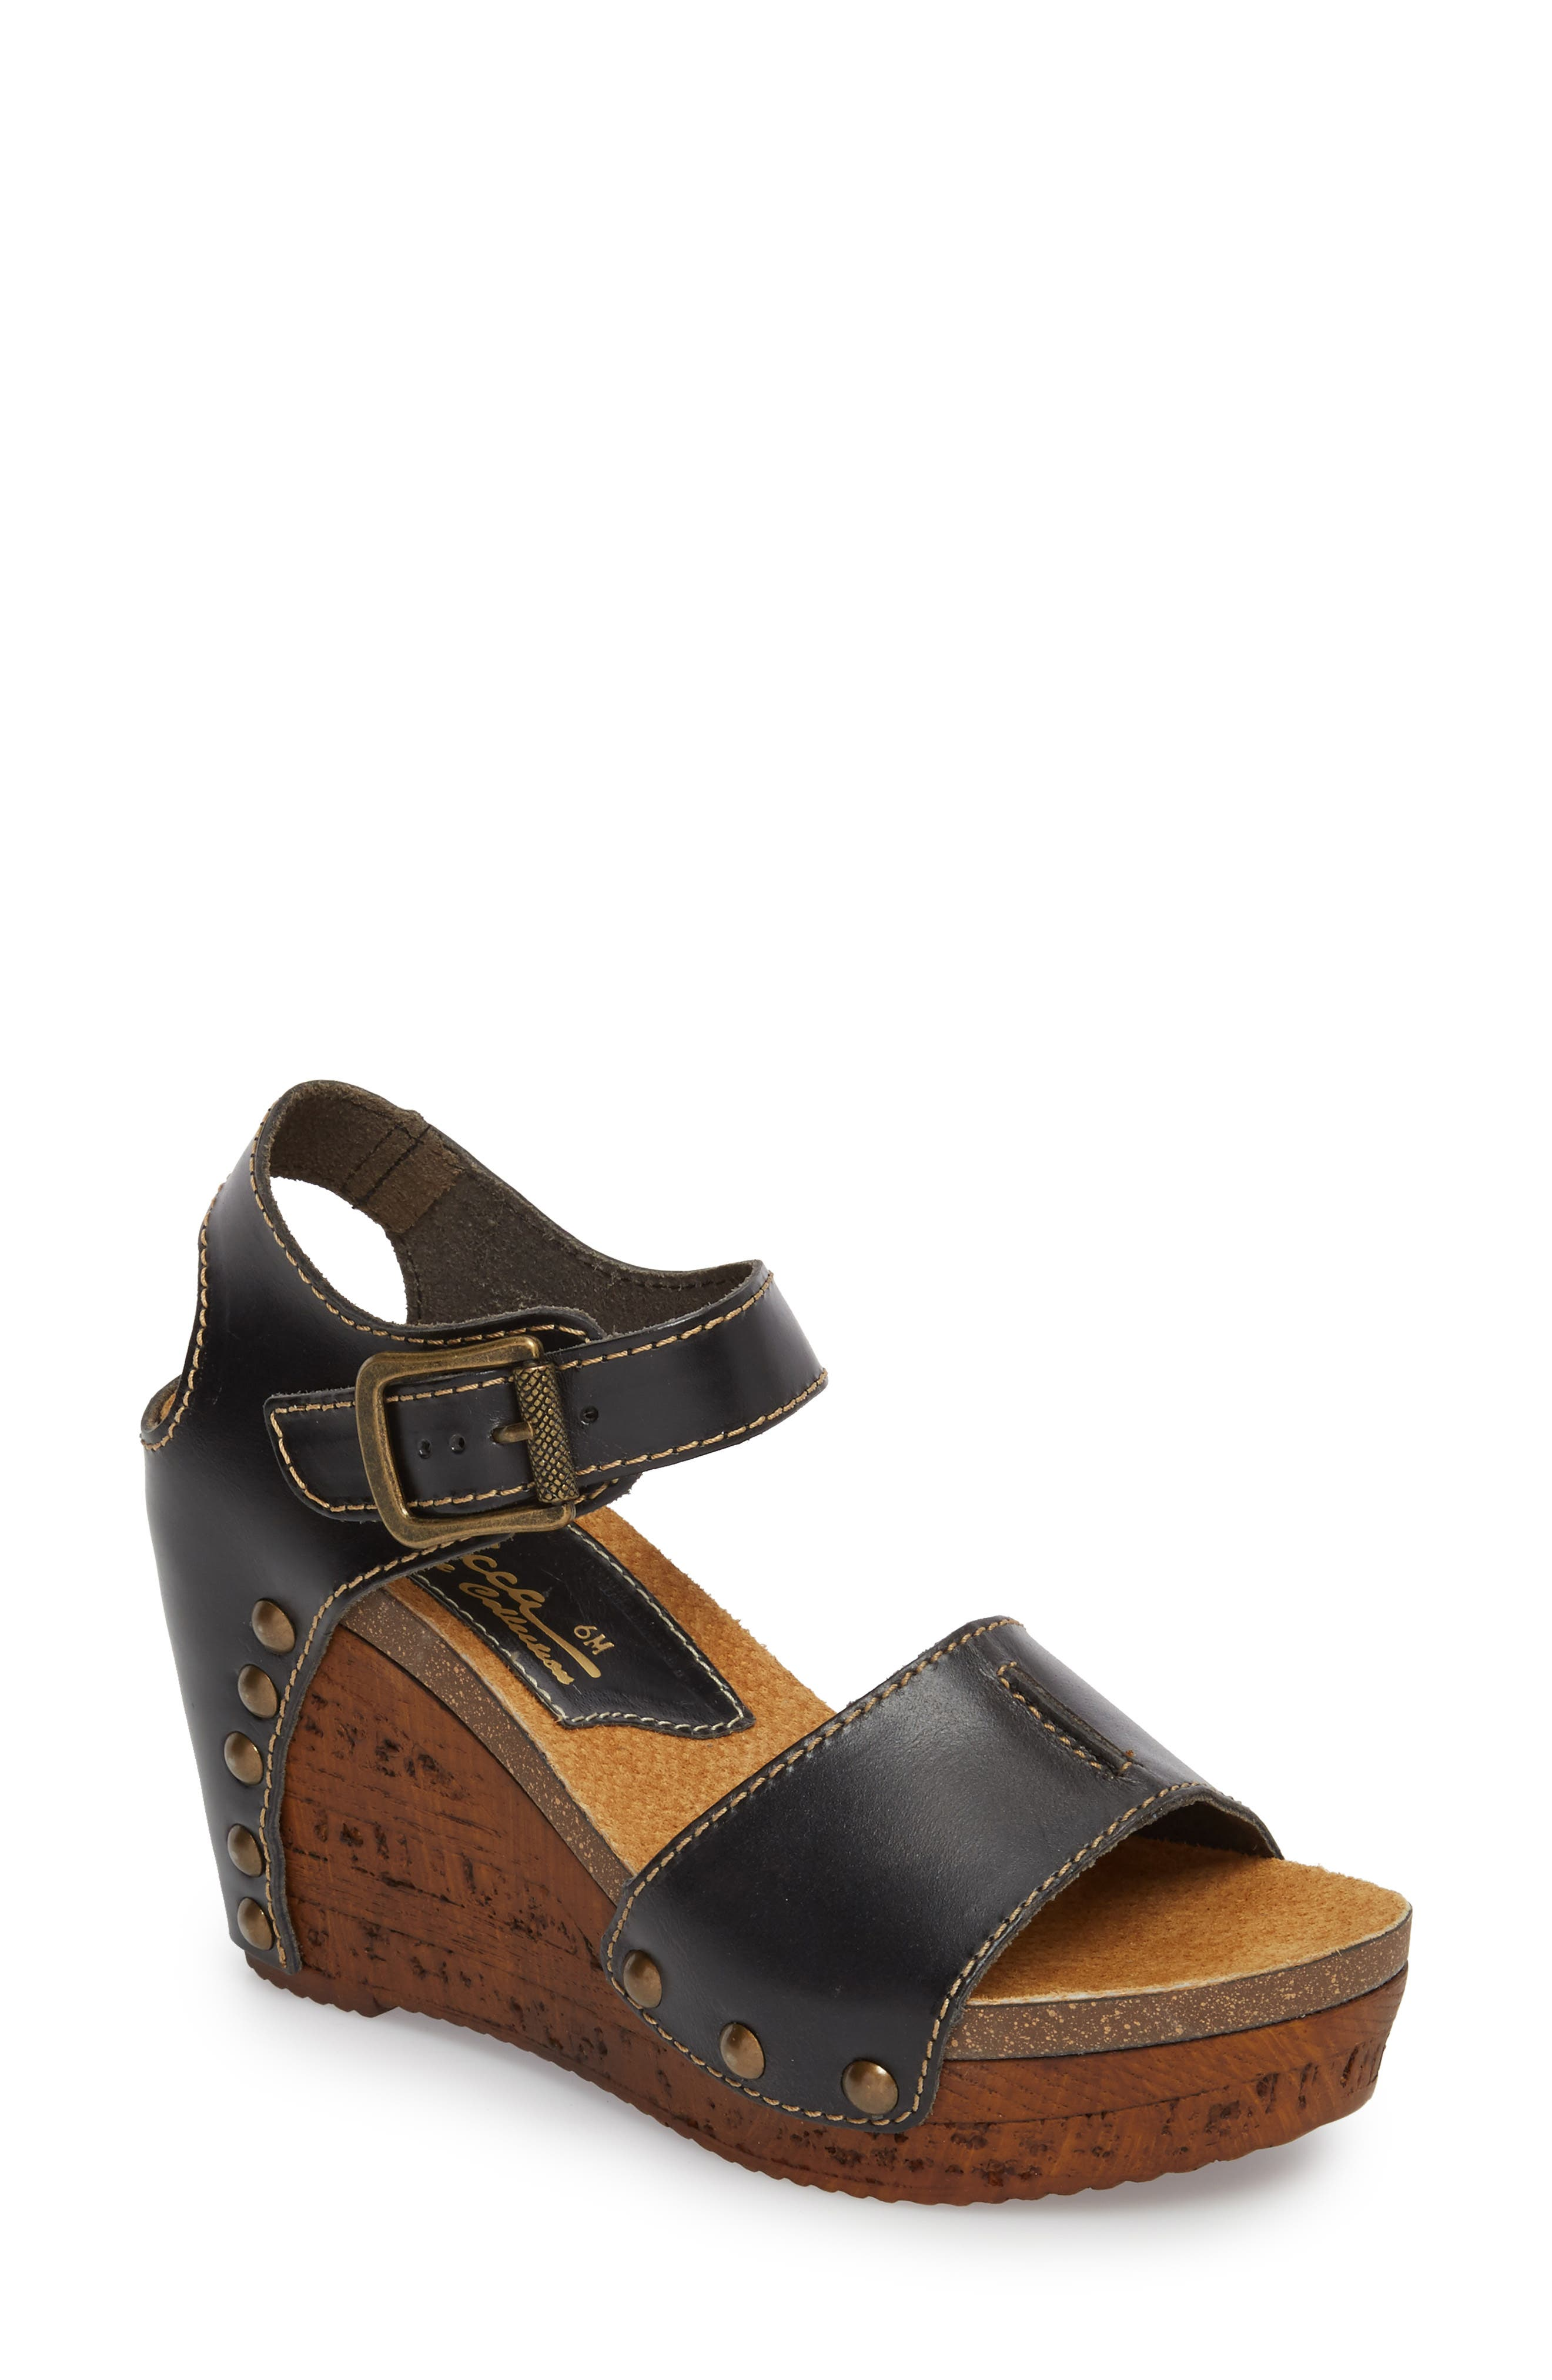 Brella Studded Platform Wedge Sandal,                         Main,                         color, BLACK